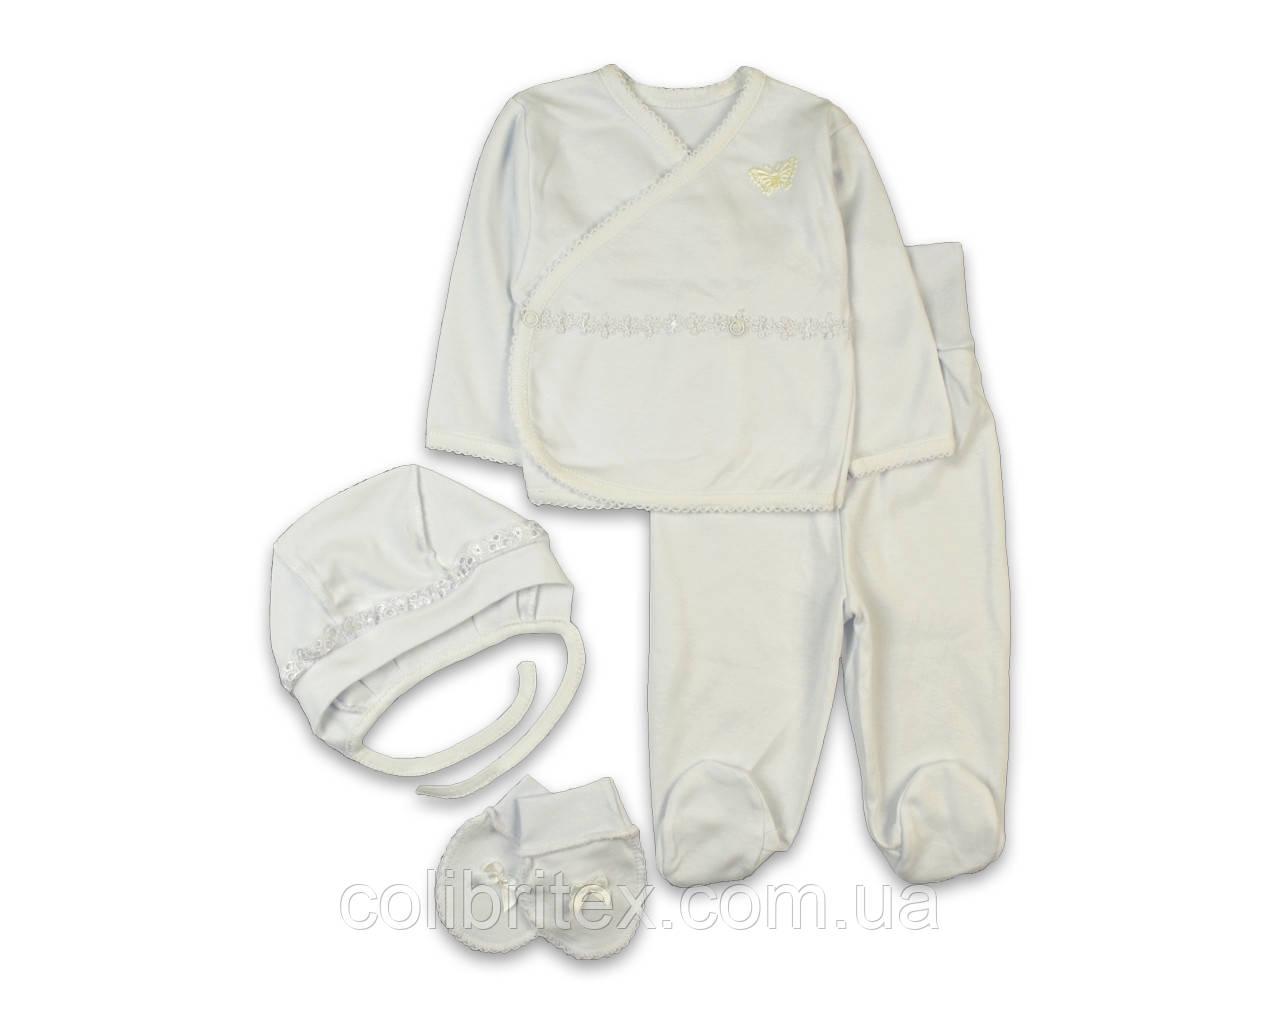 Комплект для новорожденной девочки (интерлок)